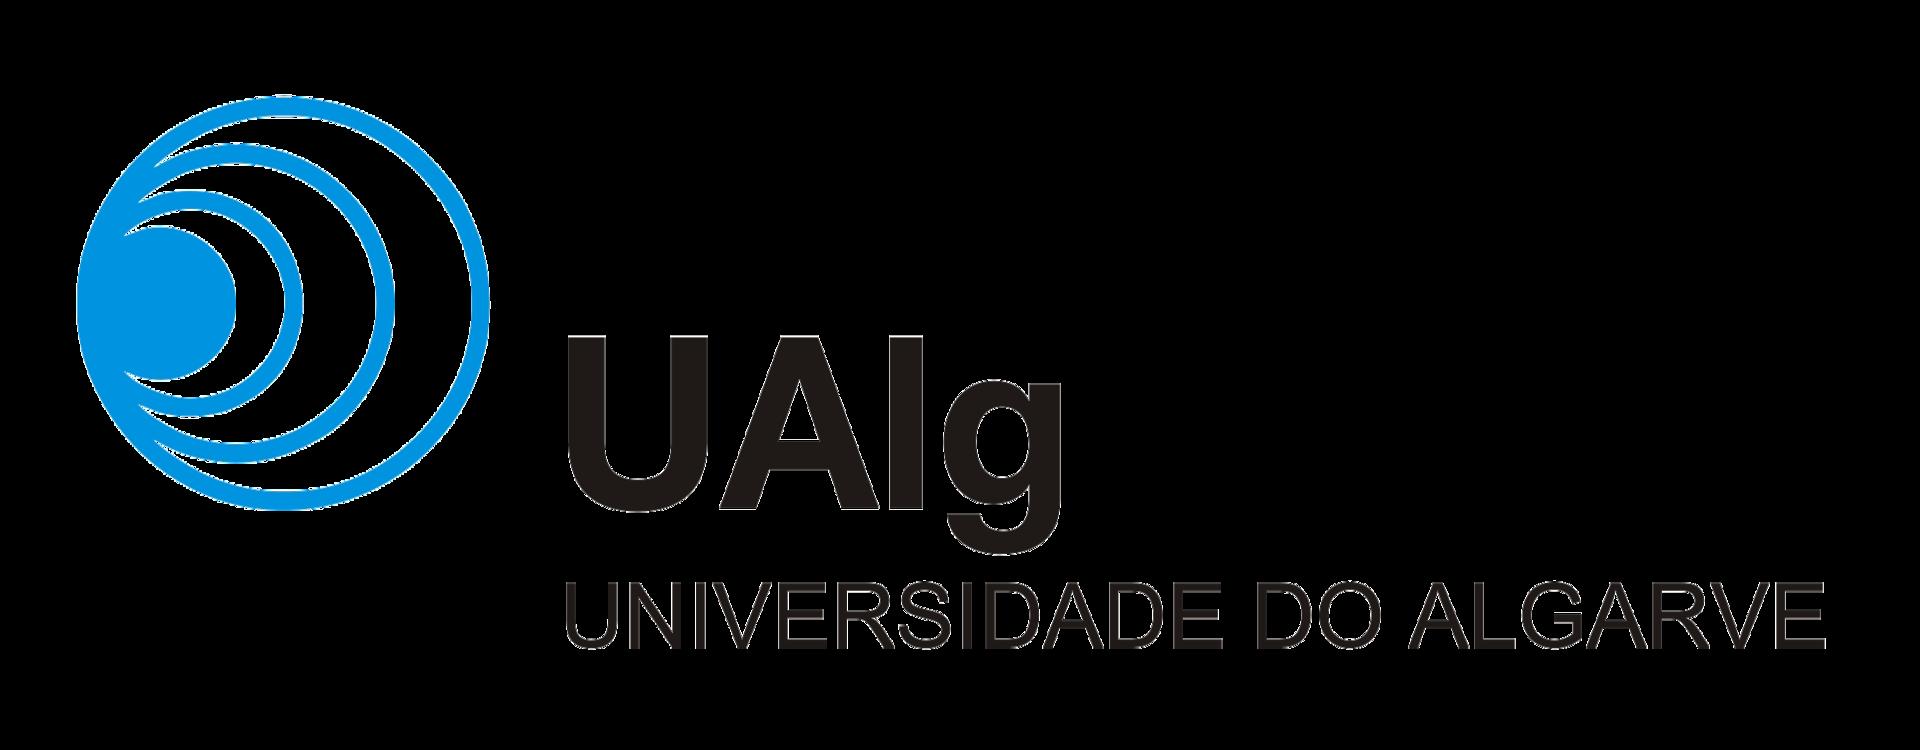 university of algarve wikipedia